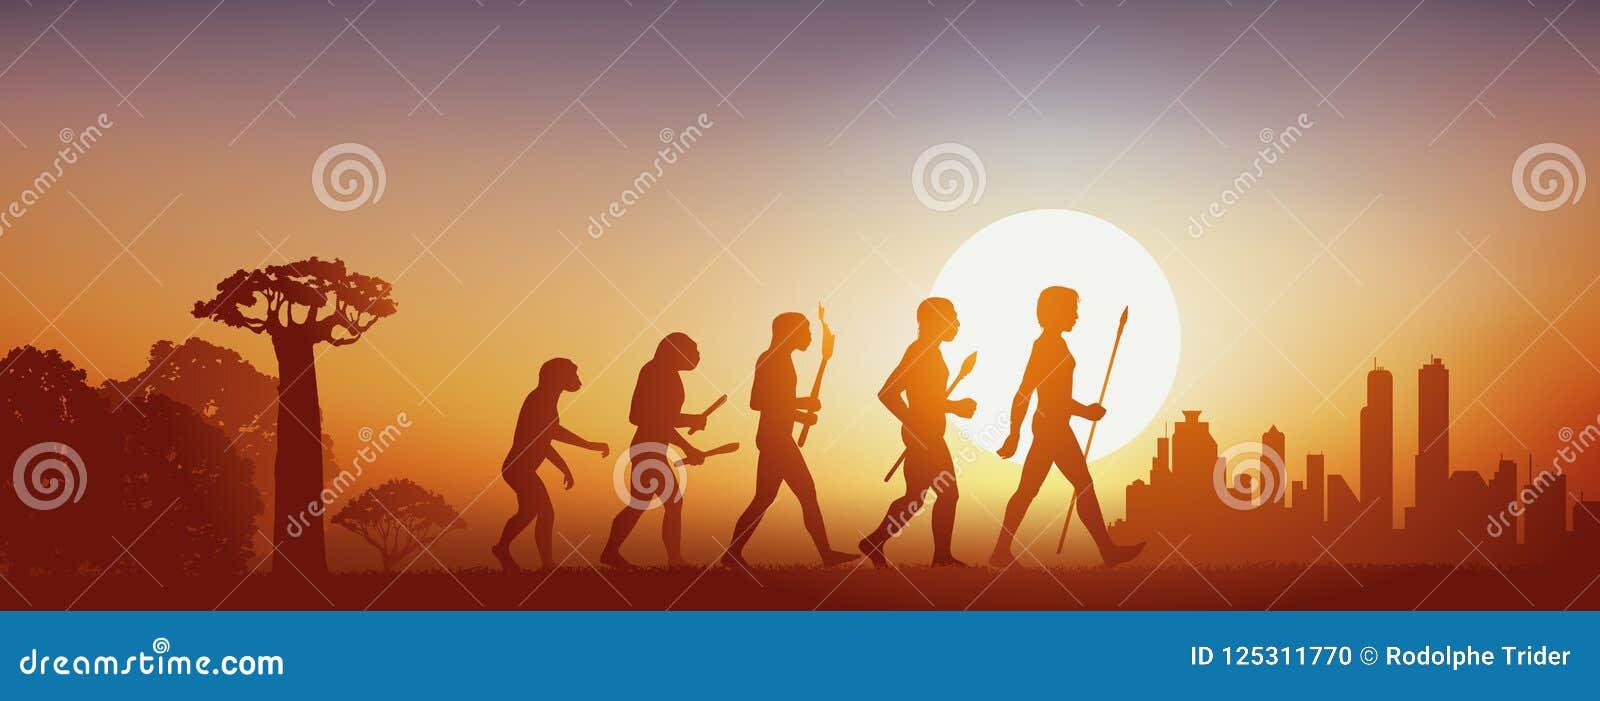 Concetto dell evoluzione di umanità che va dalla foresta alla civilizzazione